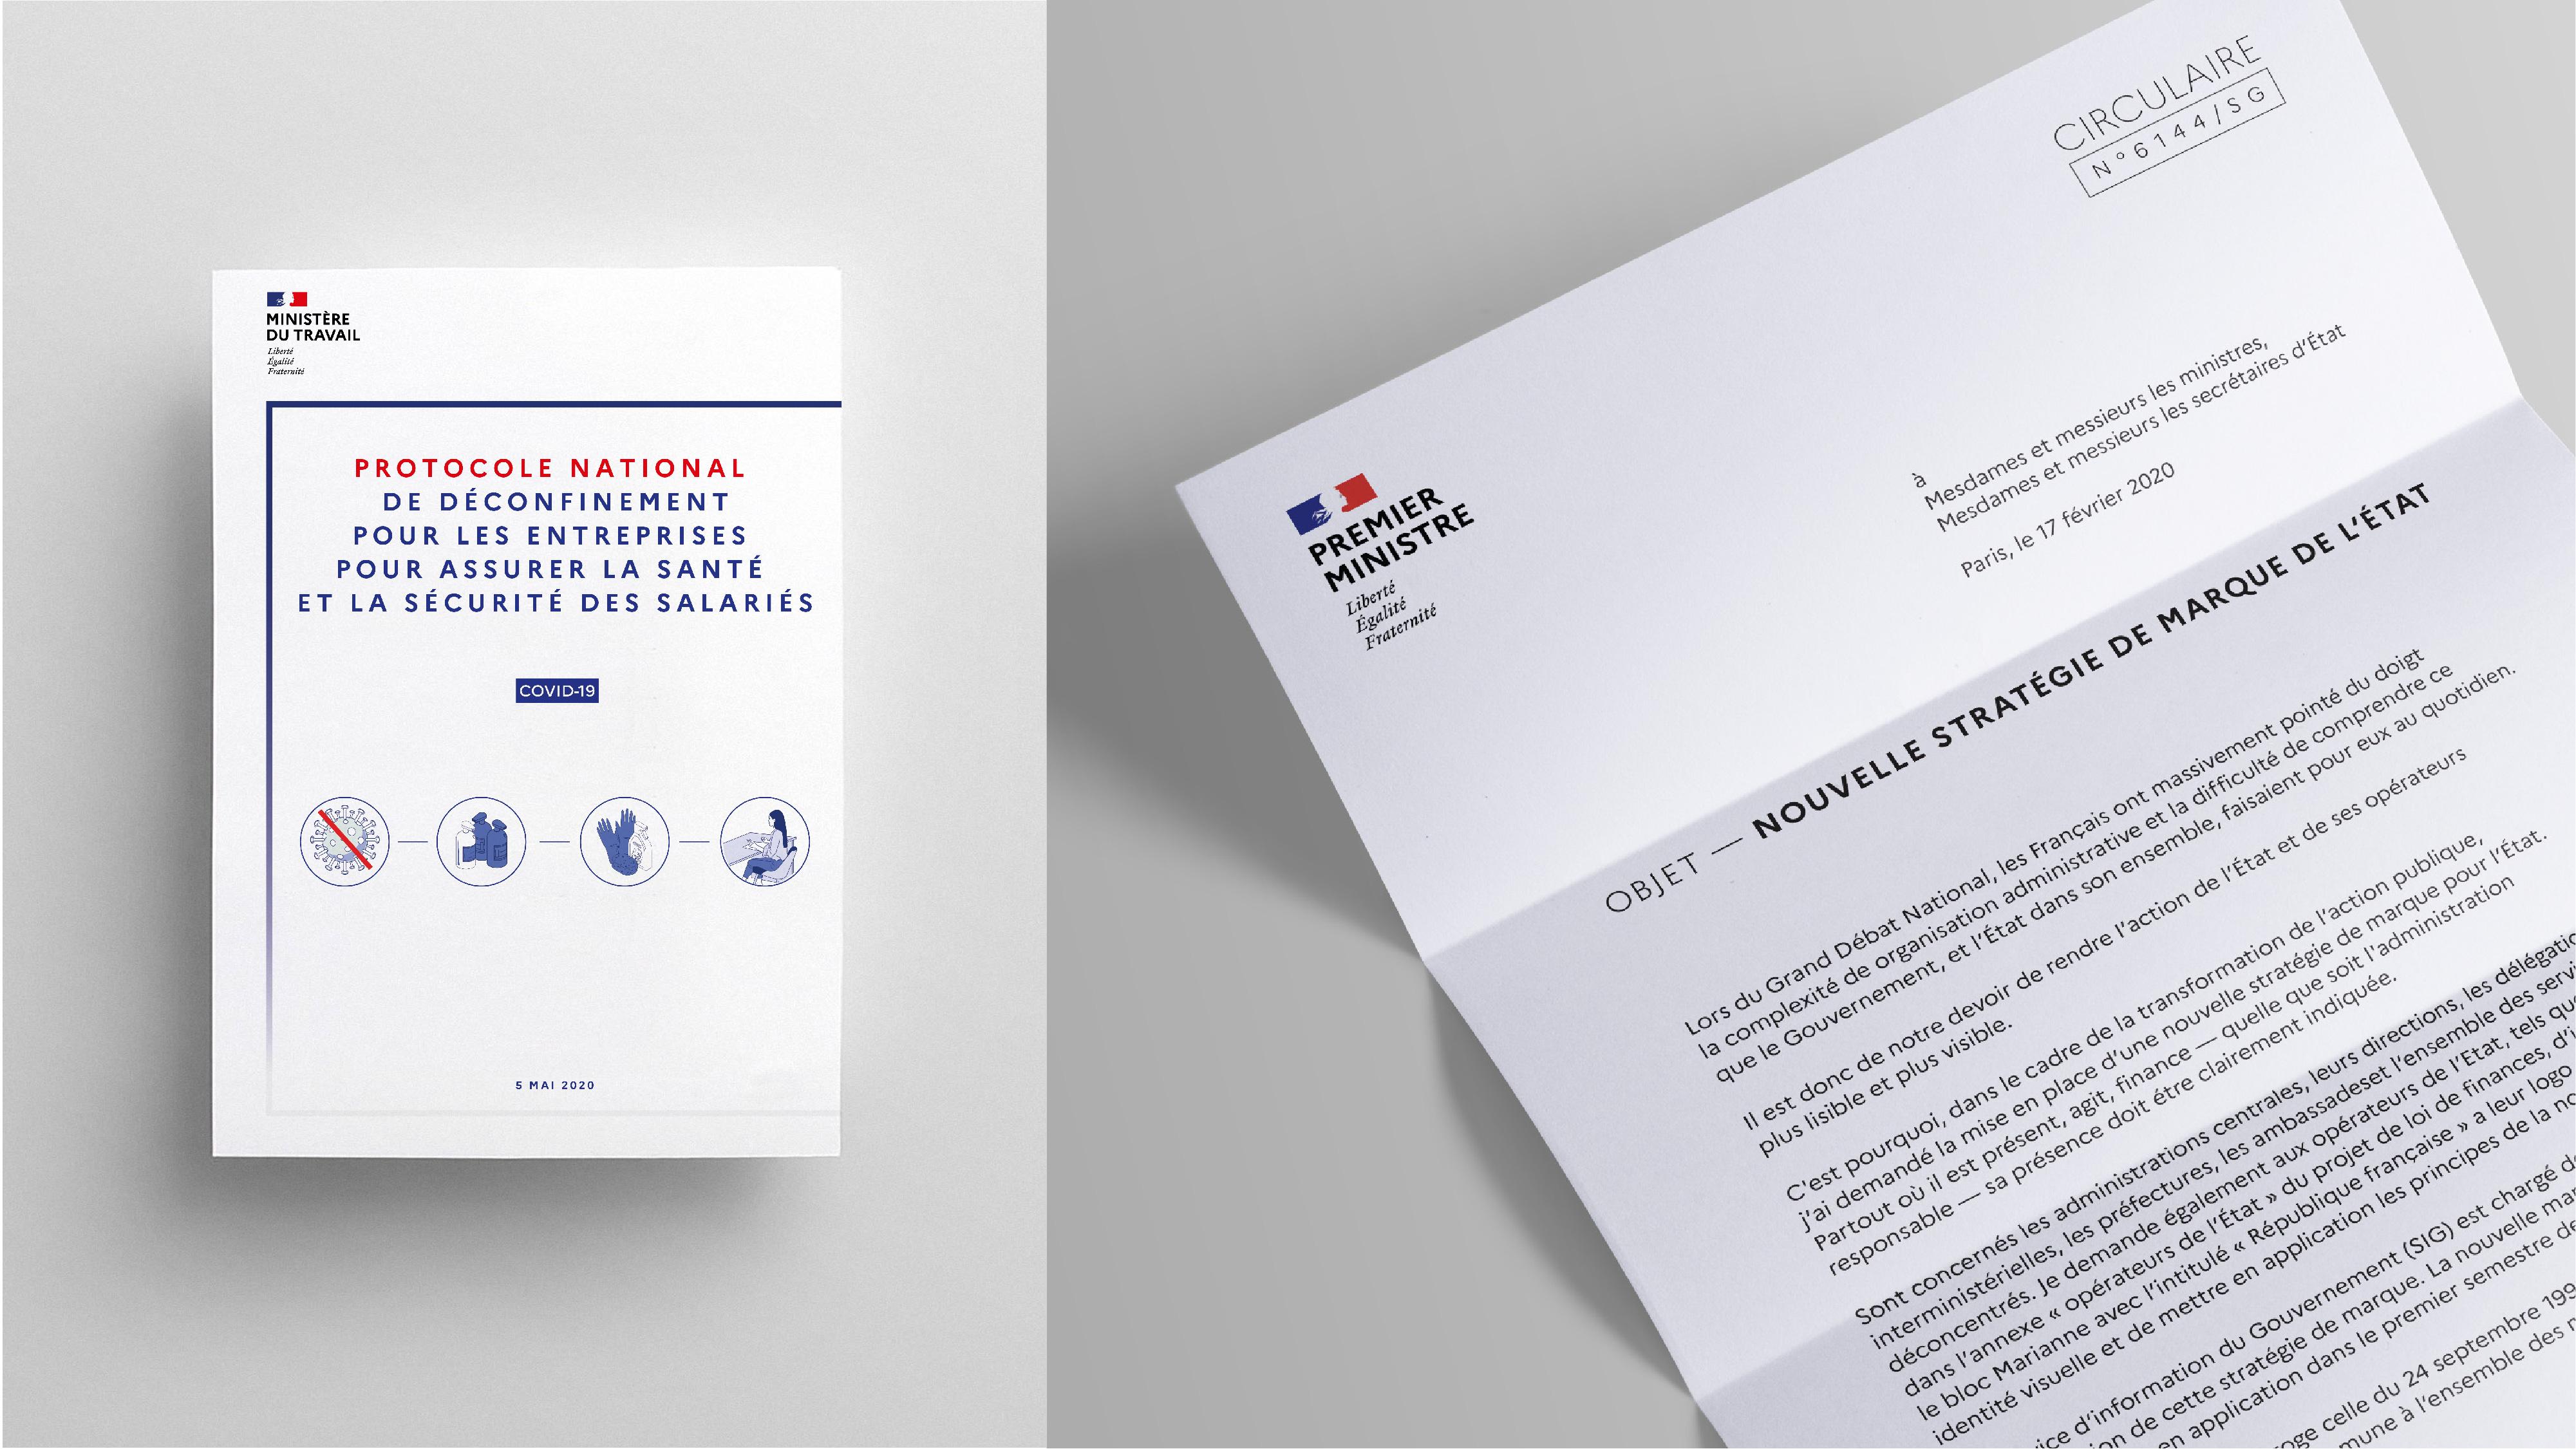 """Visuel montrant un papier intitulé : La nouvelle stratégie de l'État"""" ainsi qu'un visuel sur le déconfinement lié au coronavirus 2020, les deux éléments montrent comment le logotype s'inclue dans ces communications"""